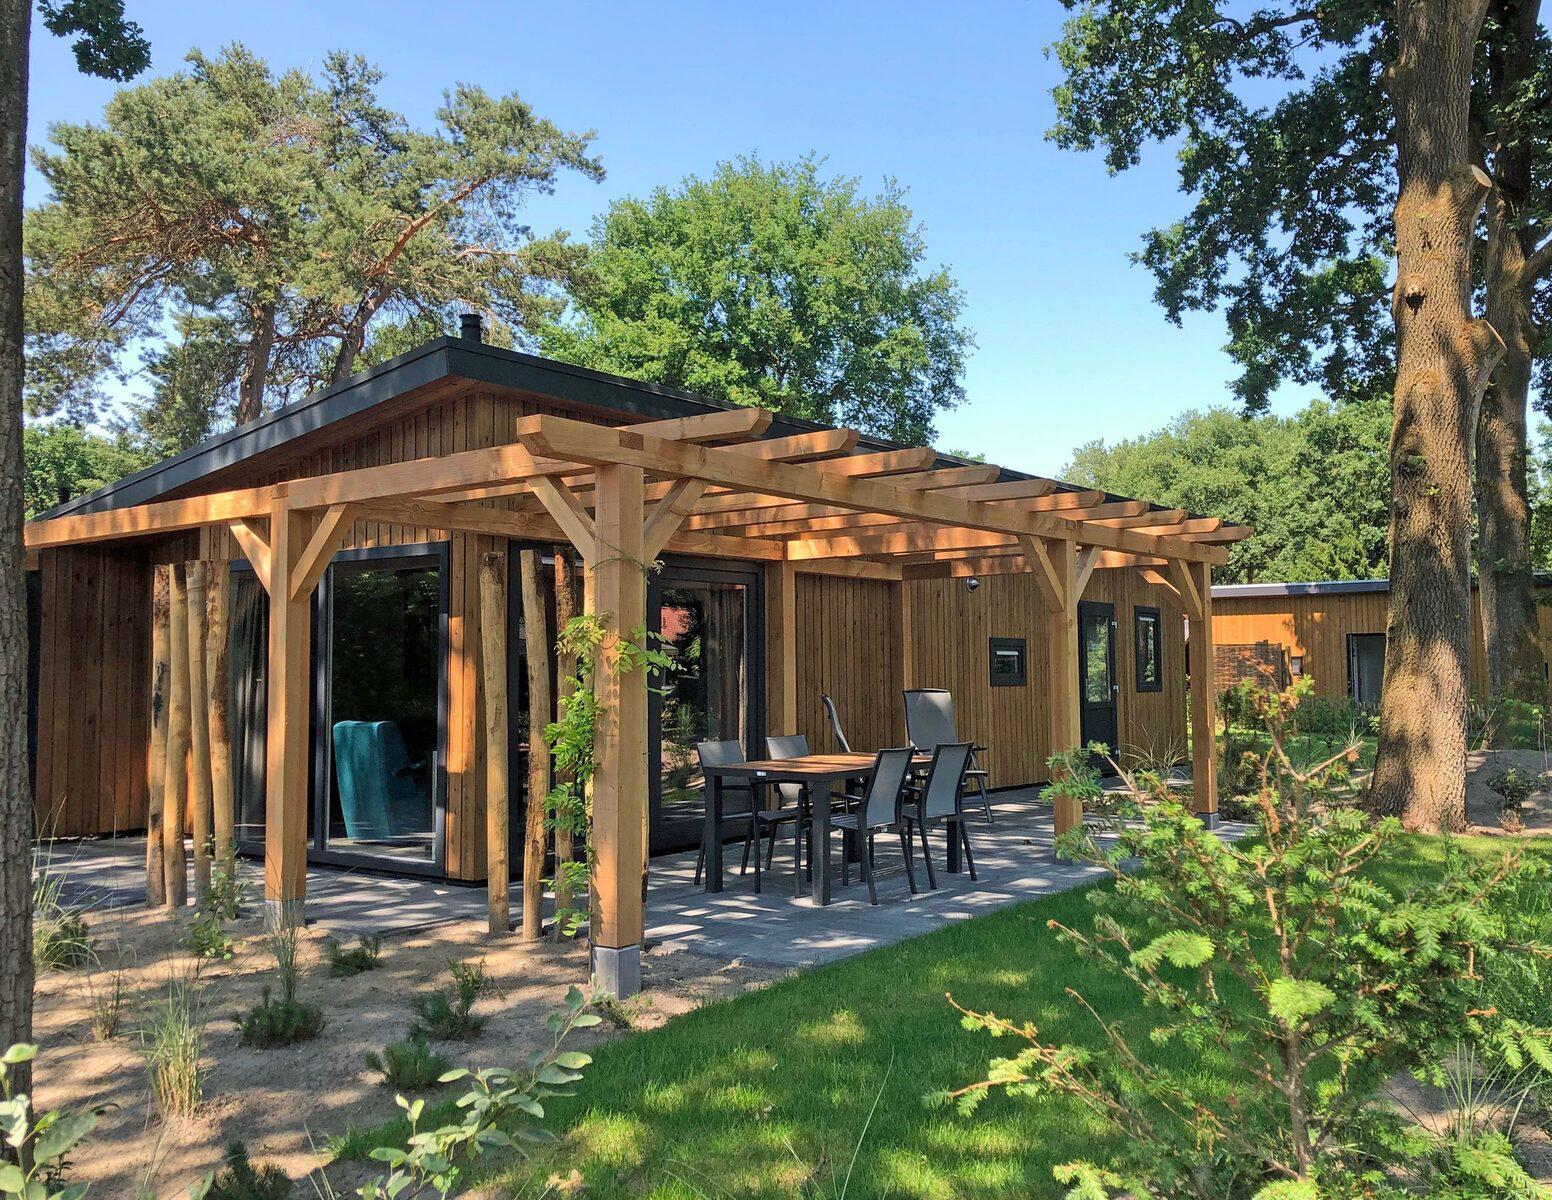 Wood Lodge Eco 6 personen Sauna